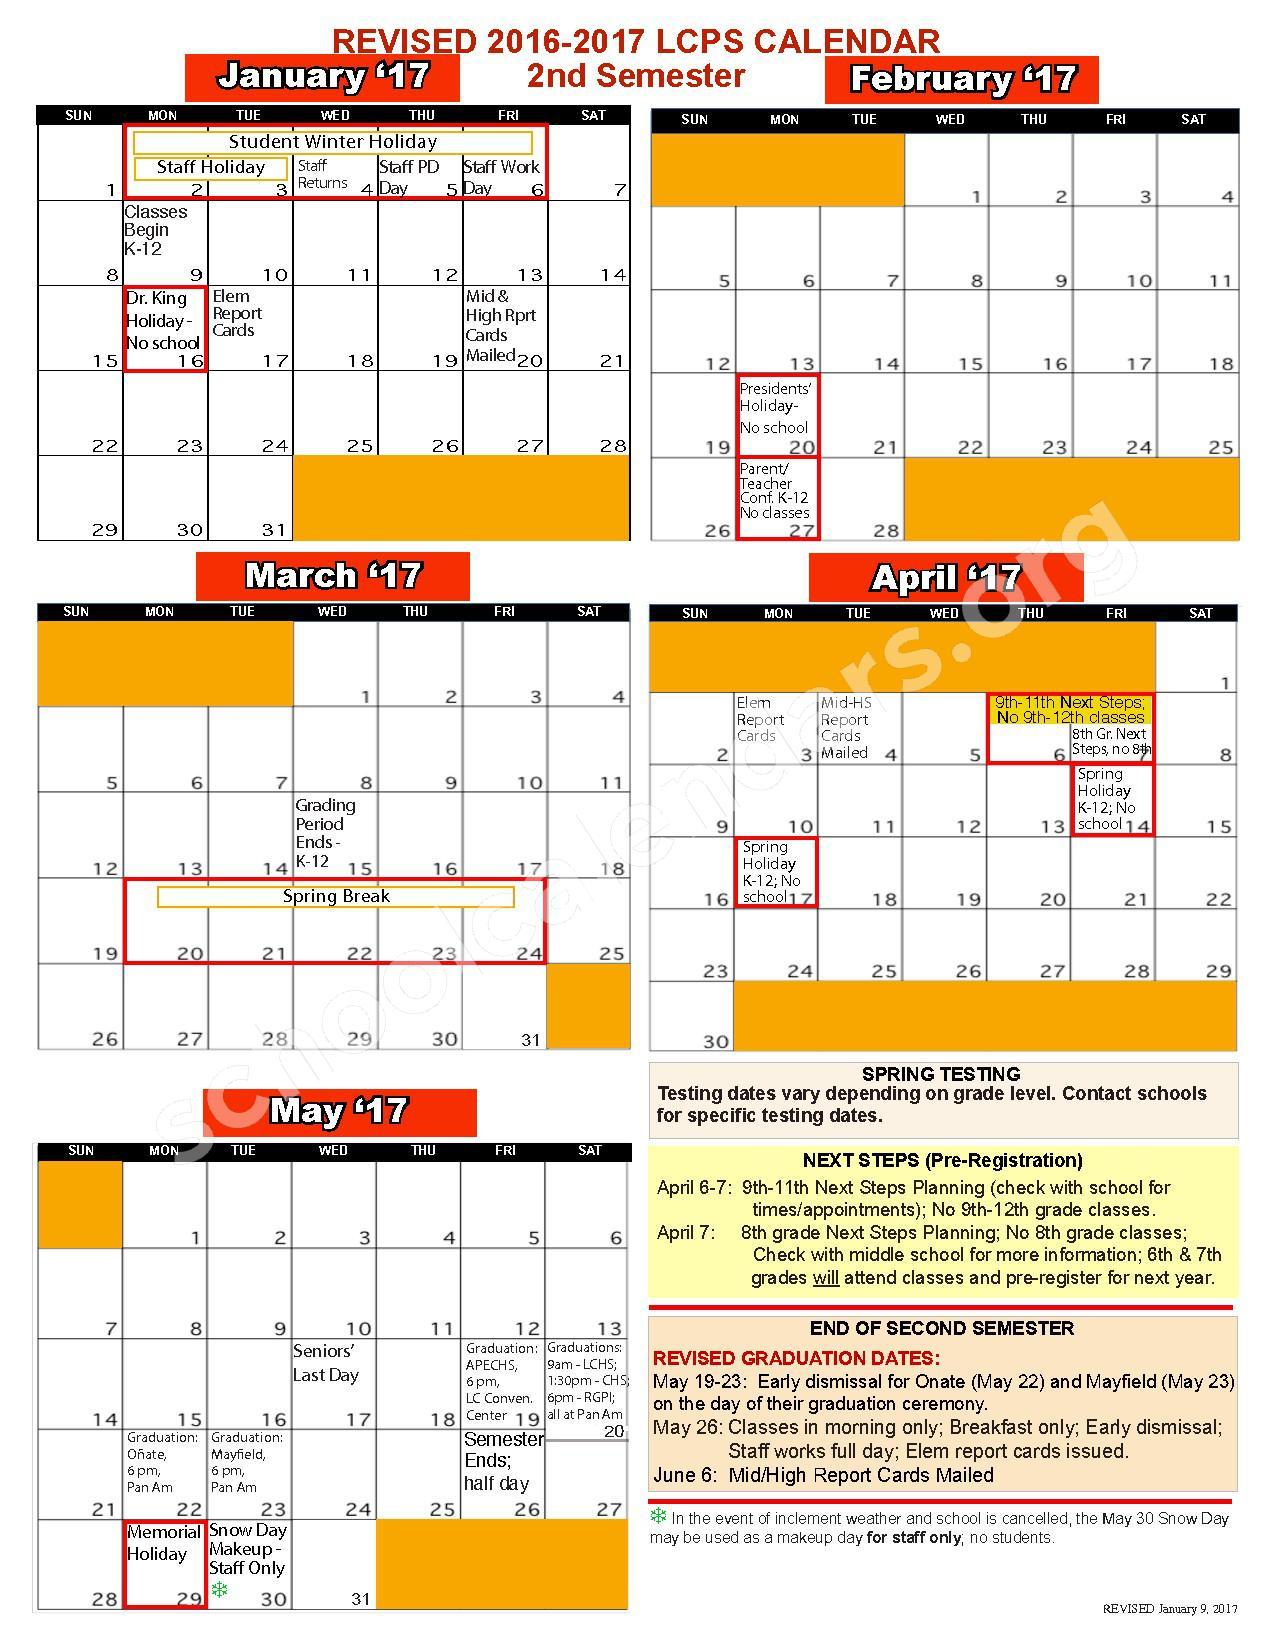 2016 - 2017 School Calendar | Las Cruces Public Schools Throughout Las Cruces Public Schools Calendar